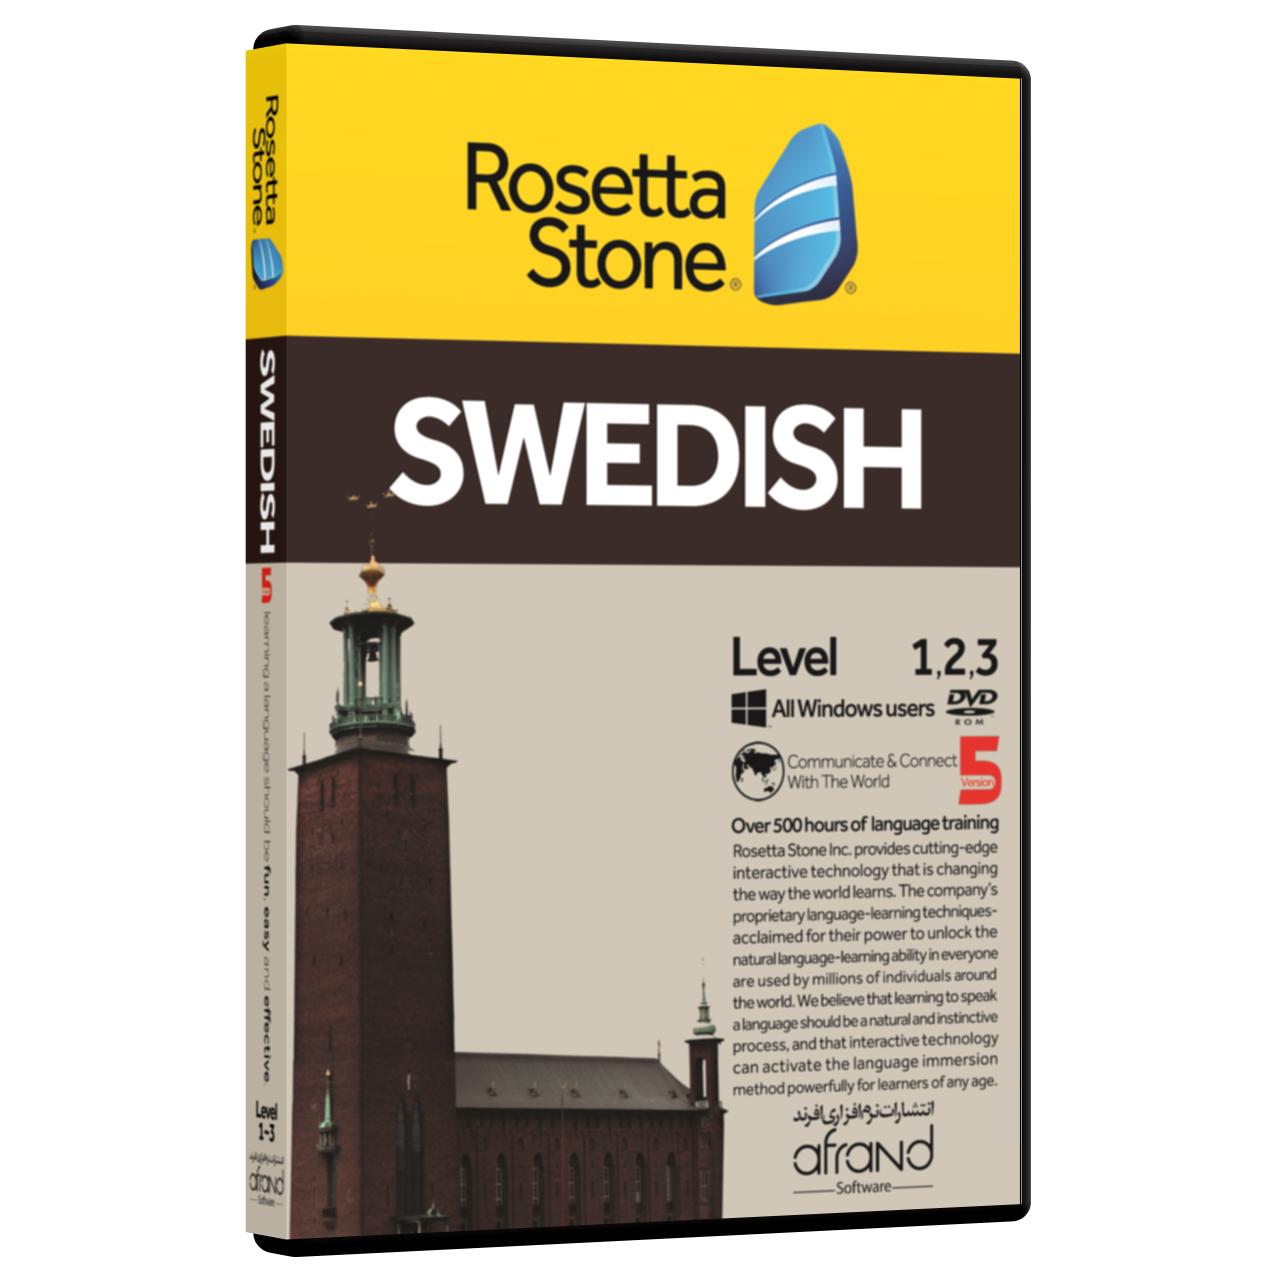 نرم افزار آموزش زبان سوئدی رزتااستون نسخه 5 انتشارات نرم افزاری افرند